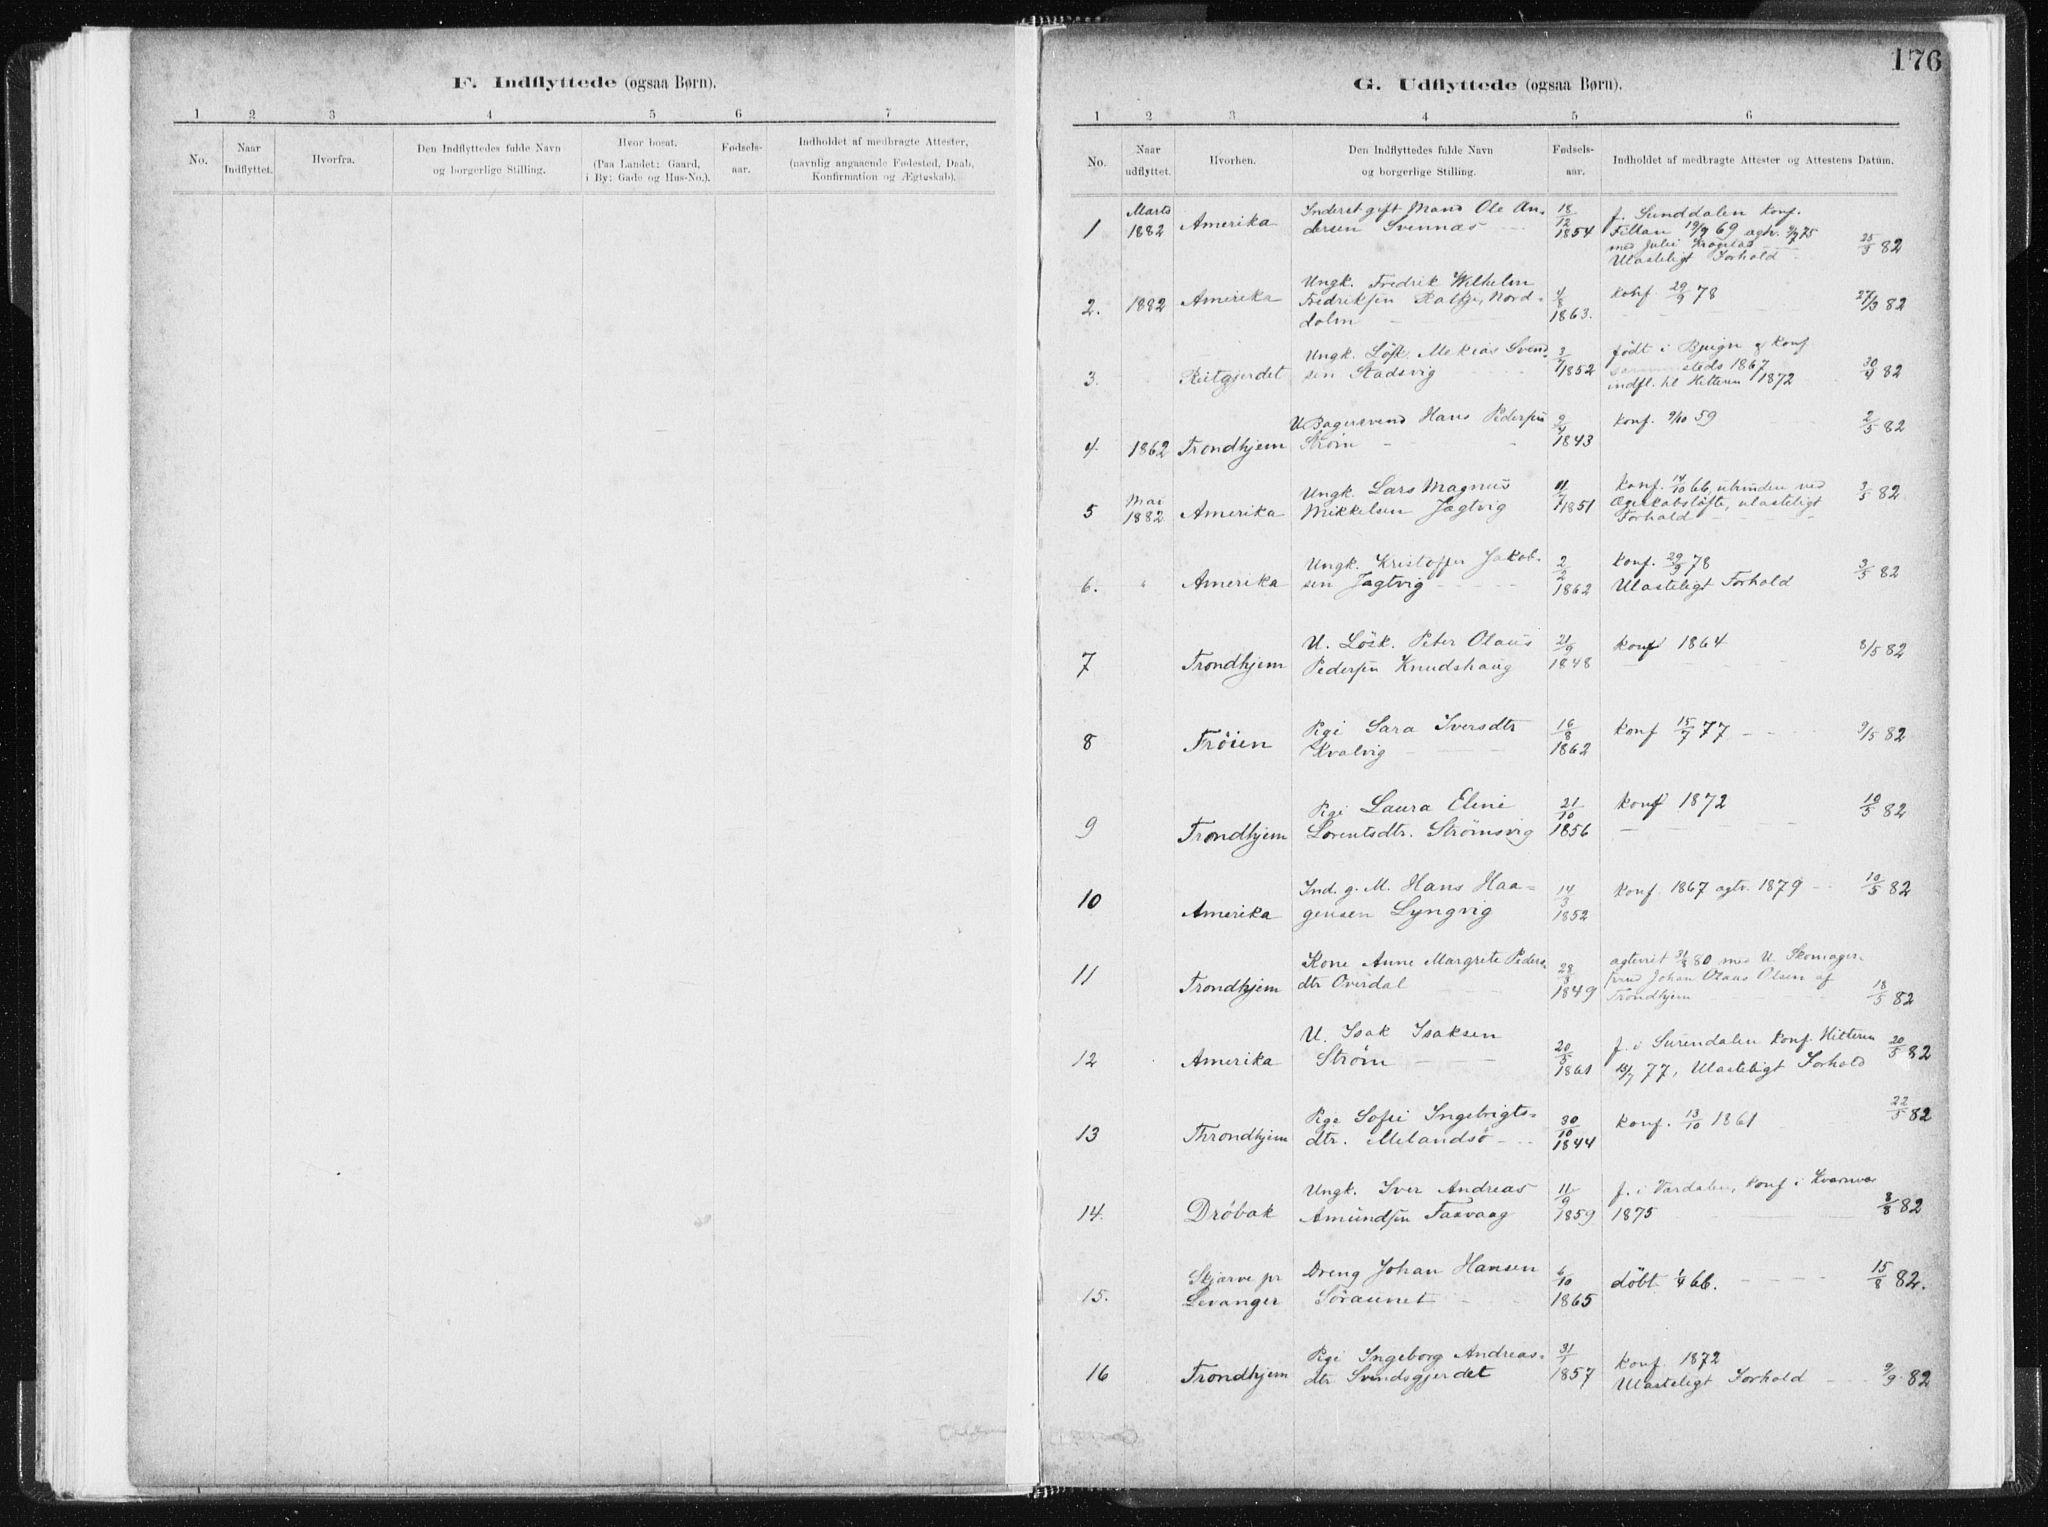 SAT, Ministerialprotokoller, klokkerbøker og fødselsregistre - Sør-Trøndelag, 634/L0533: Ministerialbok nr. 634A09, 1882-1901, s. 176